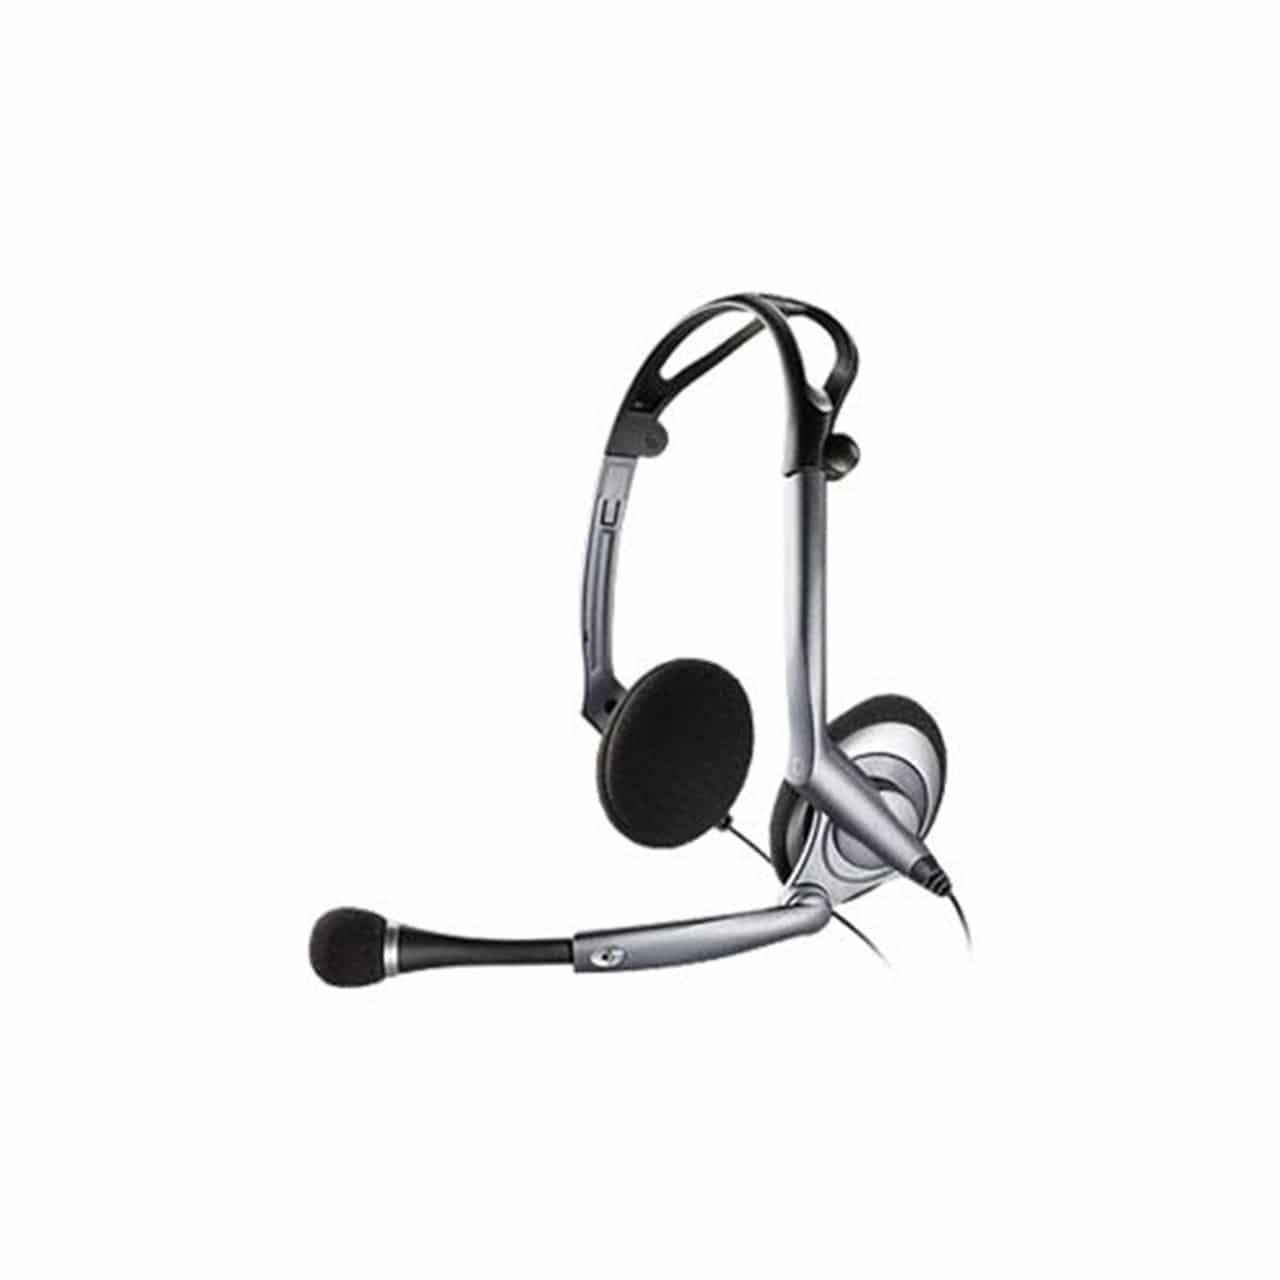 Plantronics Audio 400 DSP PC Headset